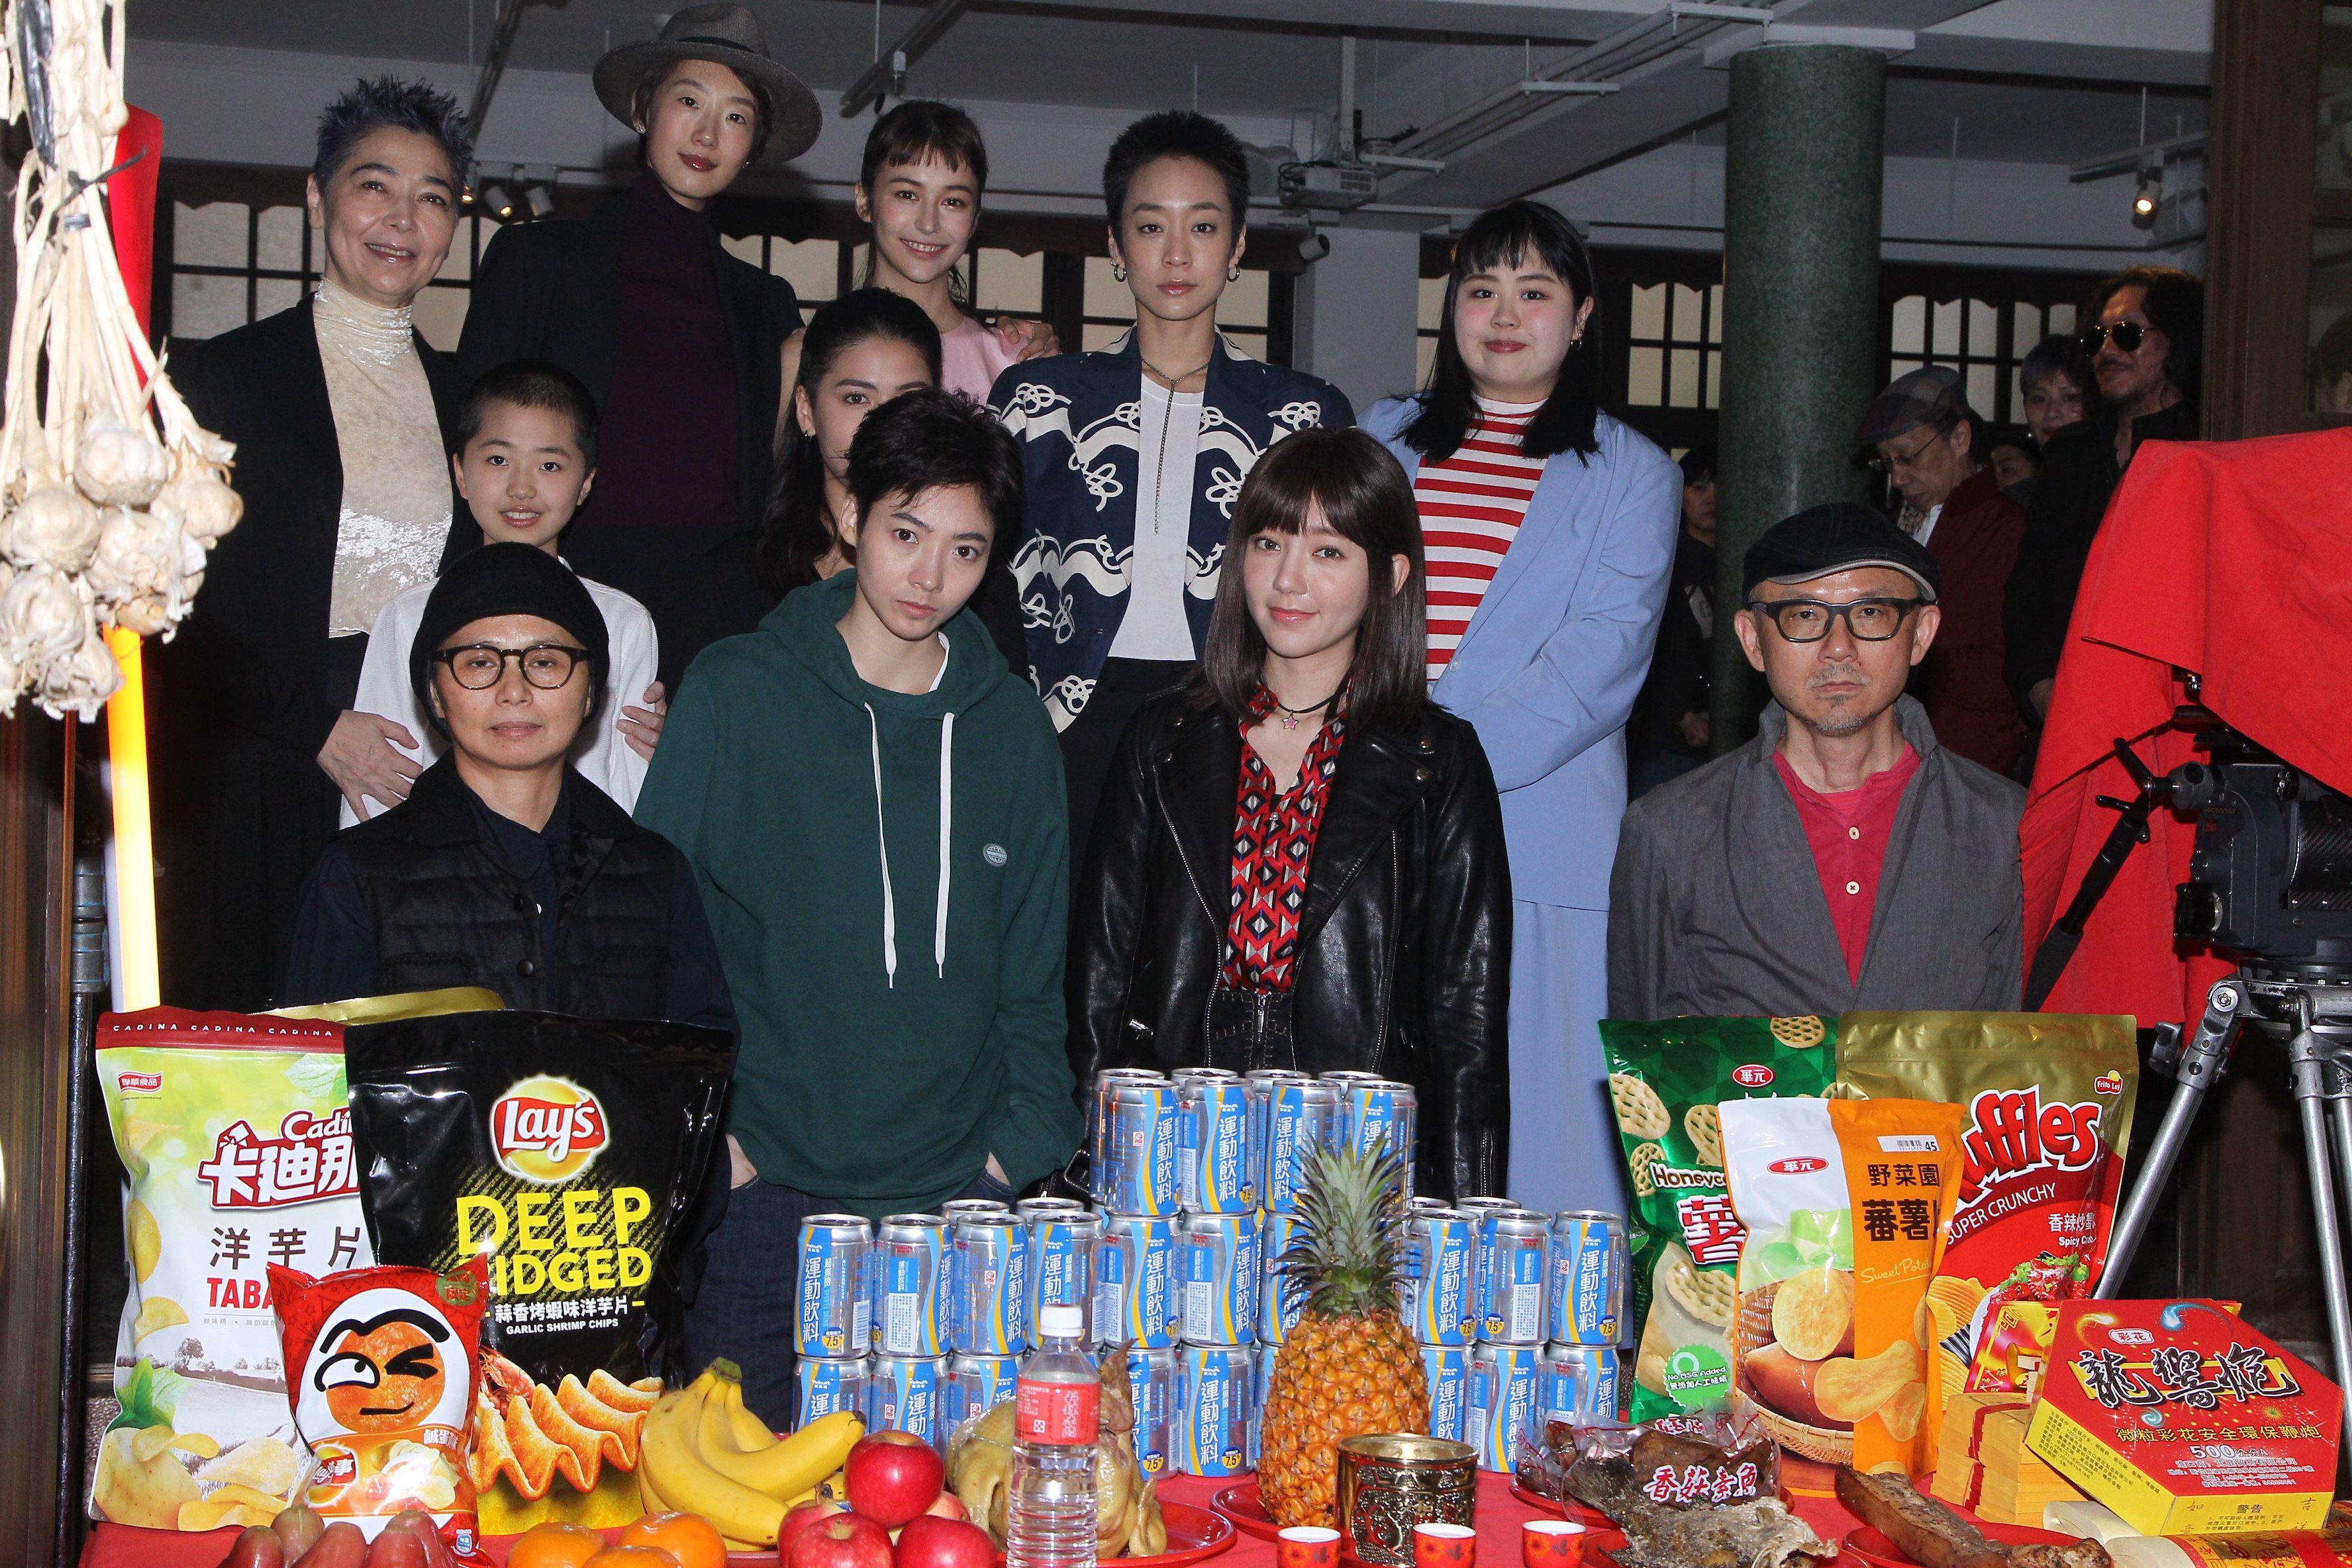 導演魏瑛娟、陳宏一,主角郭雪芙、謝沛恩出席「花咲了女孩」開鏡記者會。(記者邱榮吉/攝影)